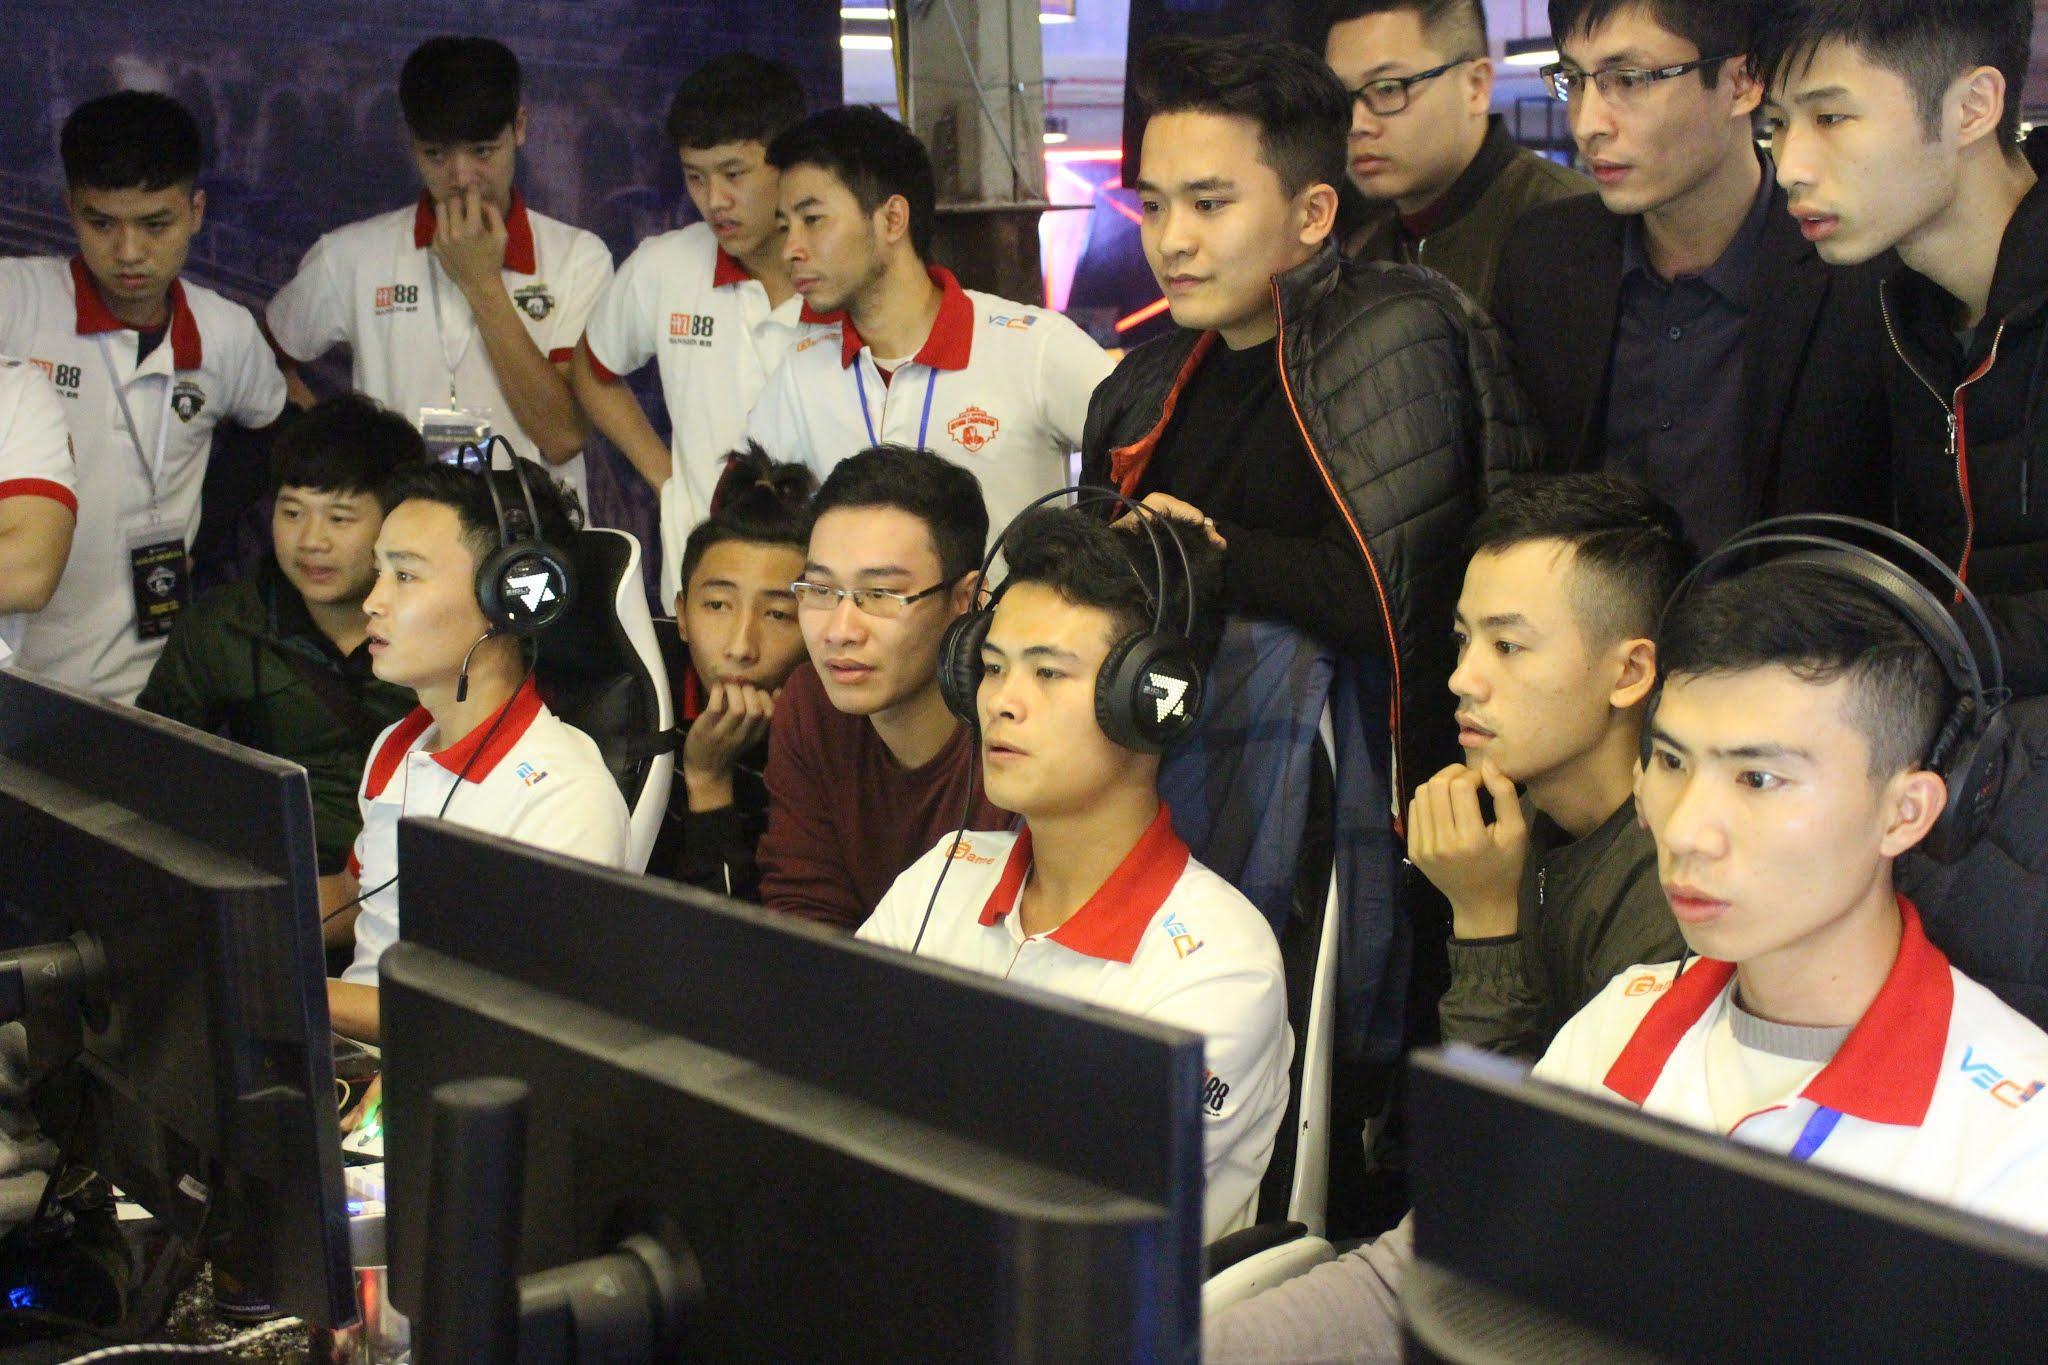 lieu - chung - ta - co - dang - qua - phu - thuoc - vao - facebook - gaming